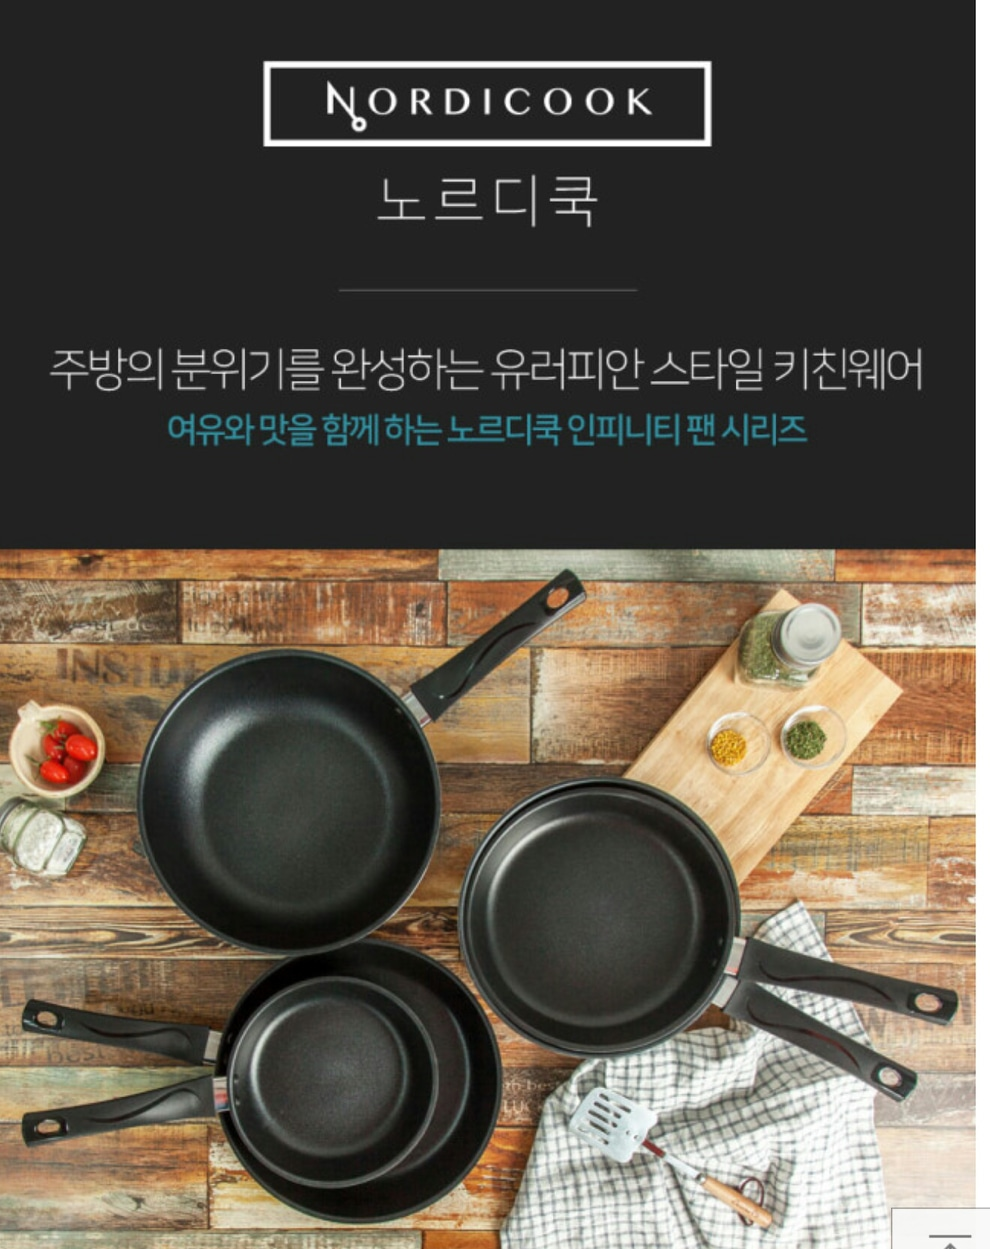 노르디쿡 프라이팬세트/프라이팬3종/프라이팬세트3종